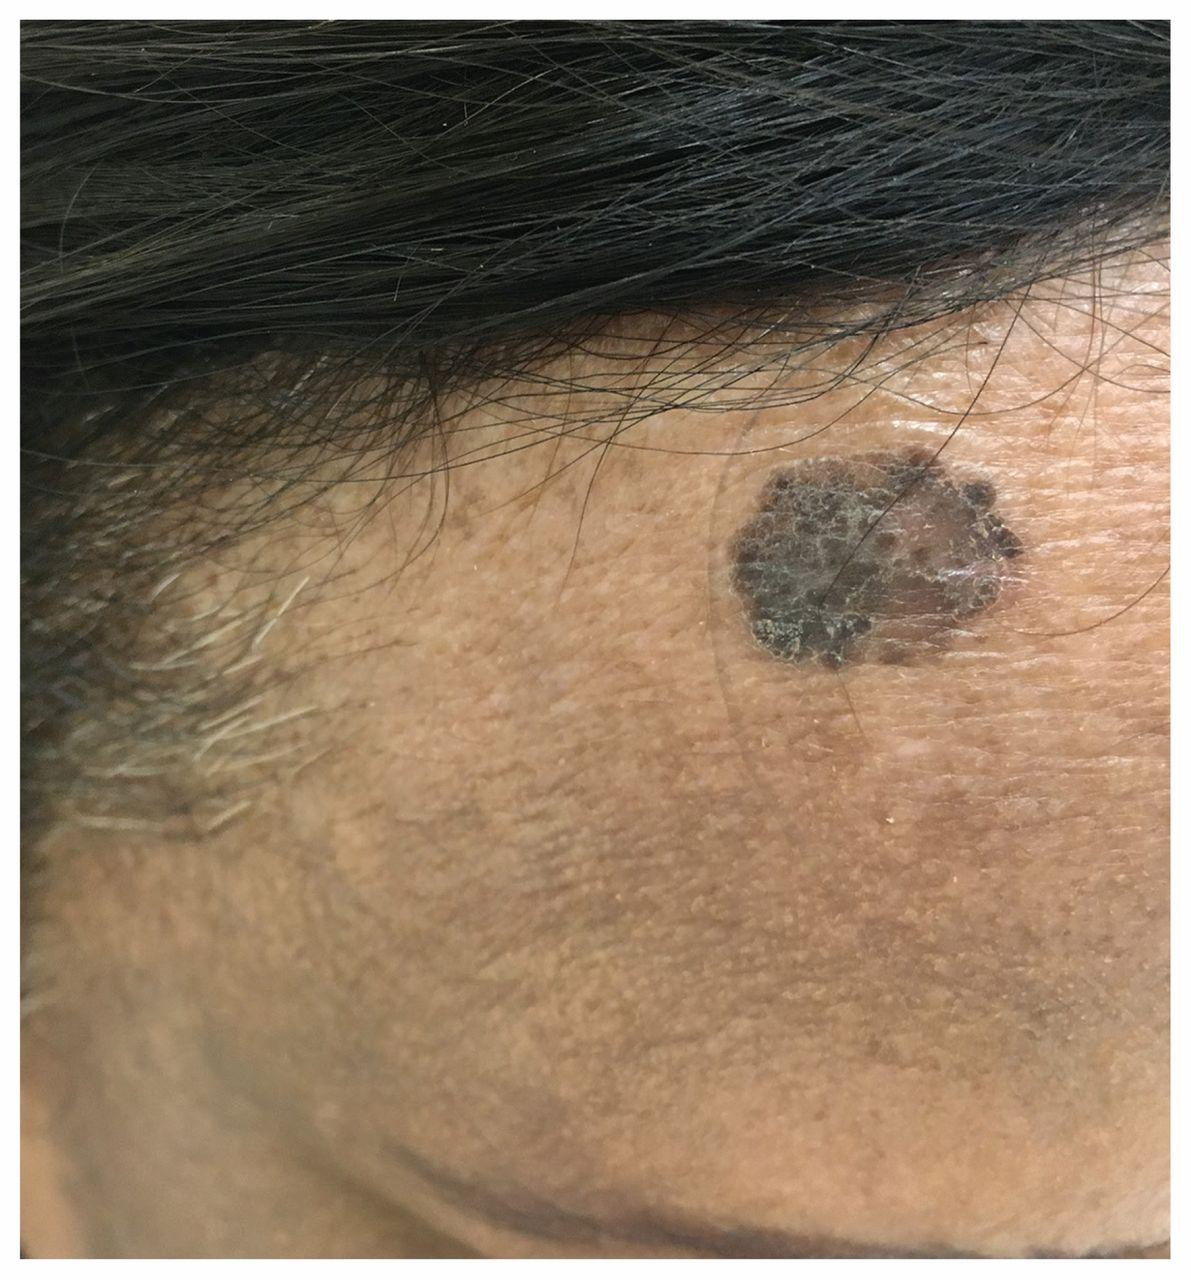 Pigmented Bowen Disease Cmaj